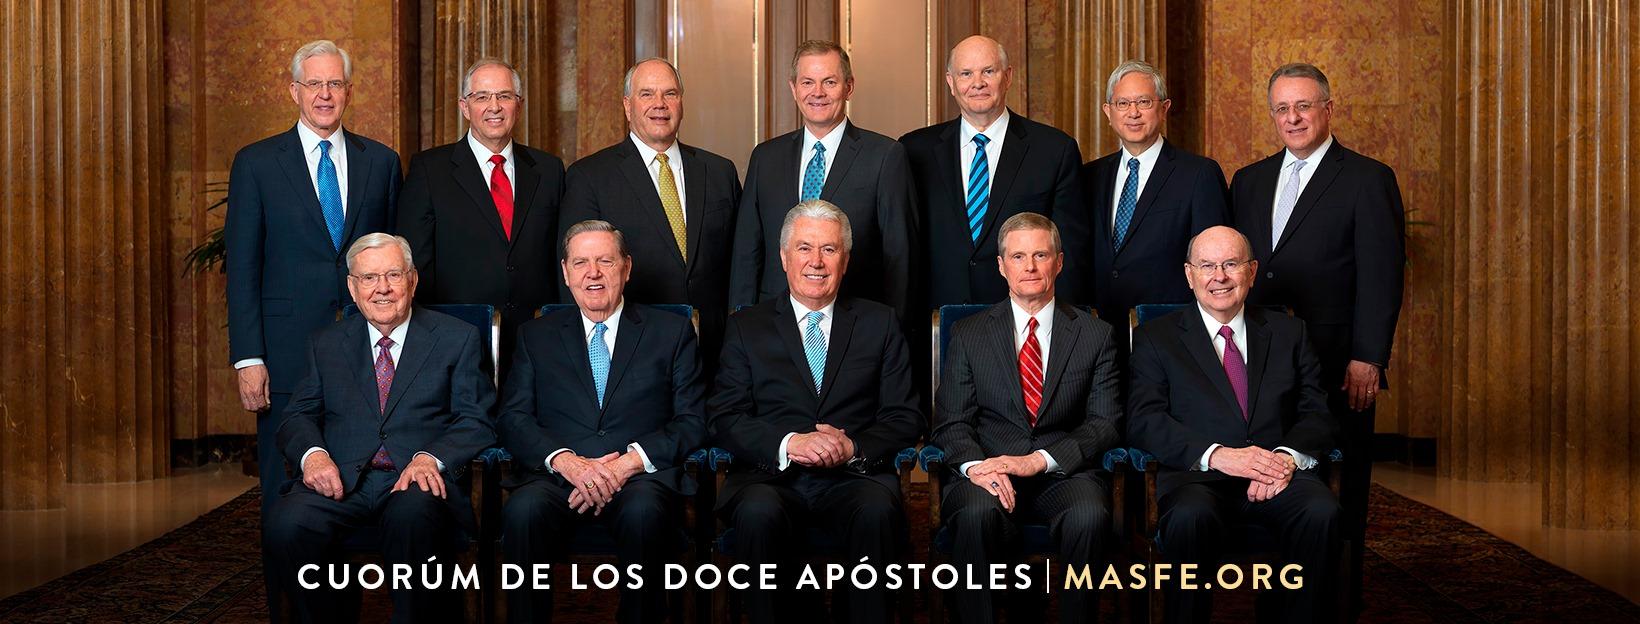 Cuórum de los Doce Apóstoles